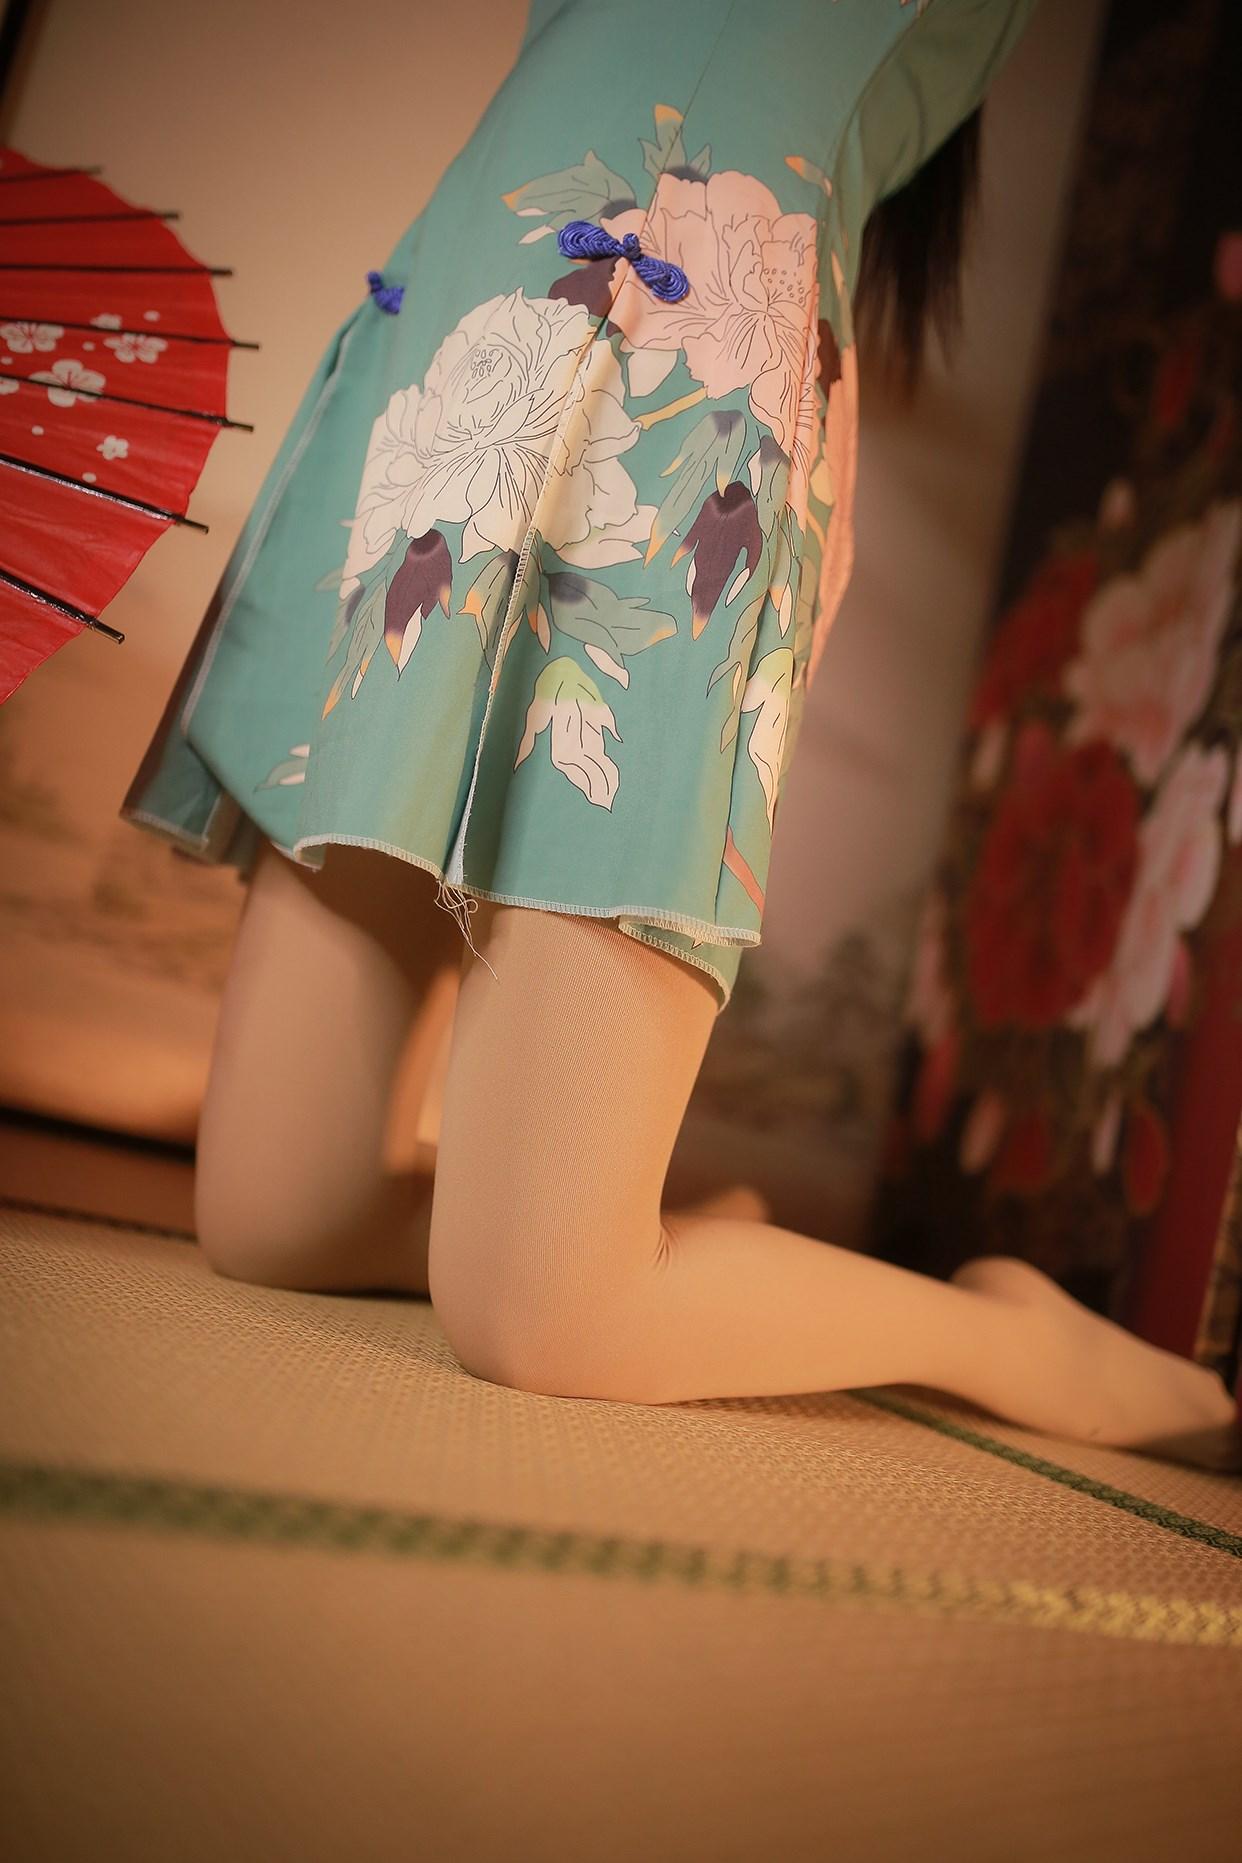 【兔玩映画】伞下的旗袍少女 兔玩映画 第1张